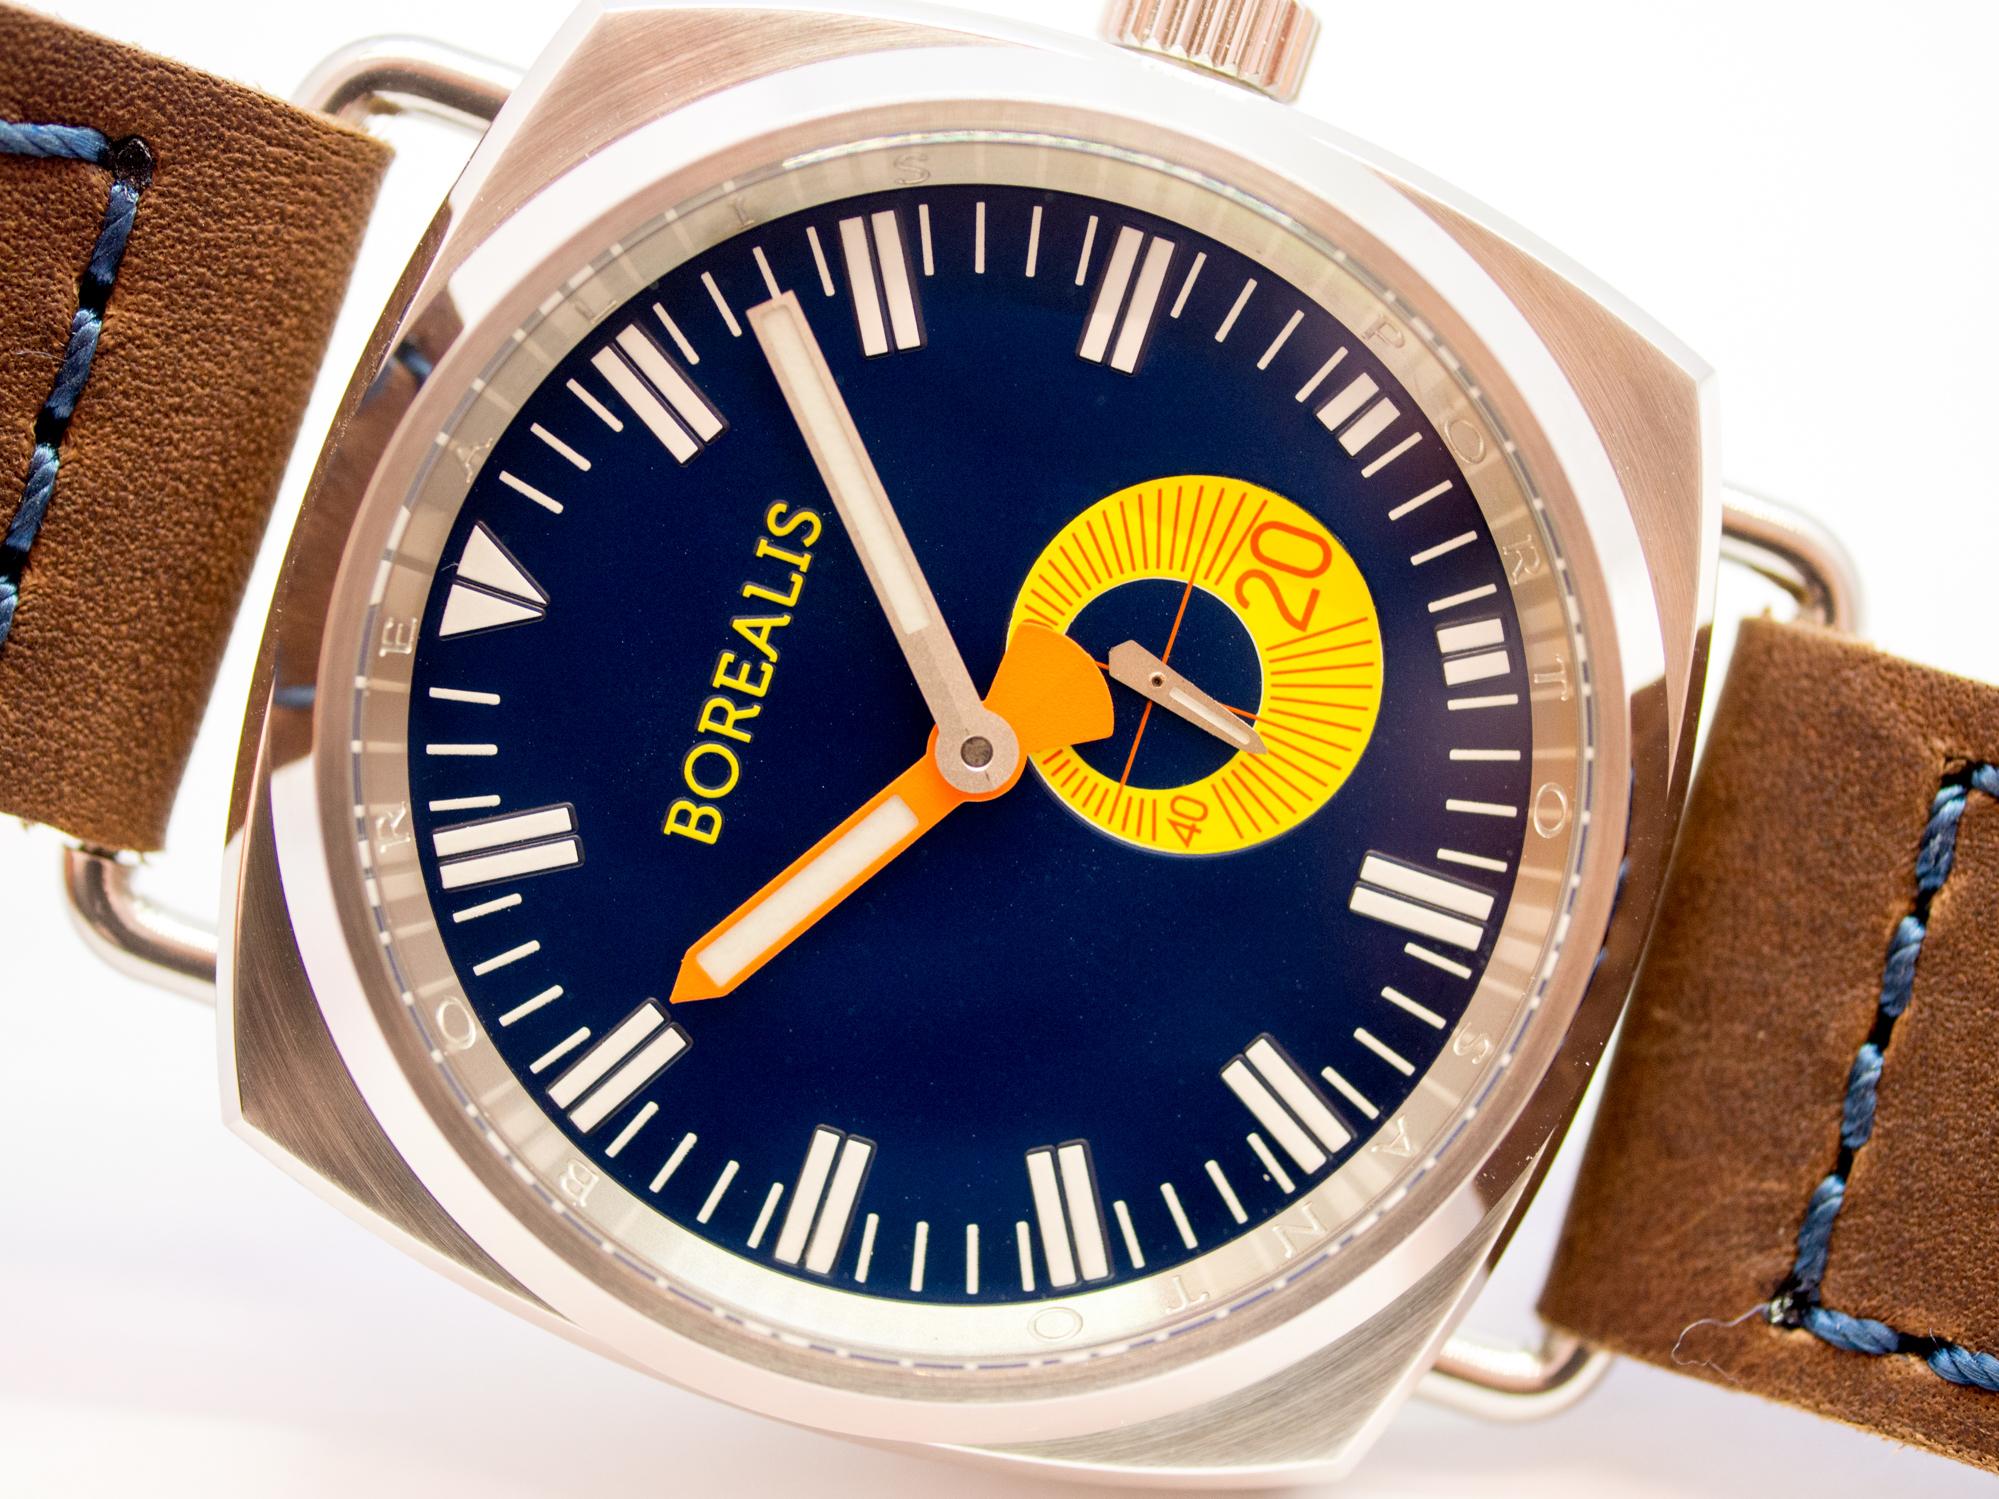 Borealis Porto Santo Automatic Diver Watch Blue Dial BGW9 Lume Miyota 8218 BPSANTOBLUEBGW9